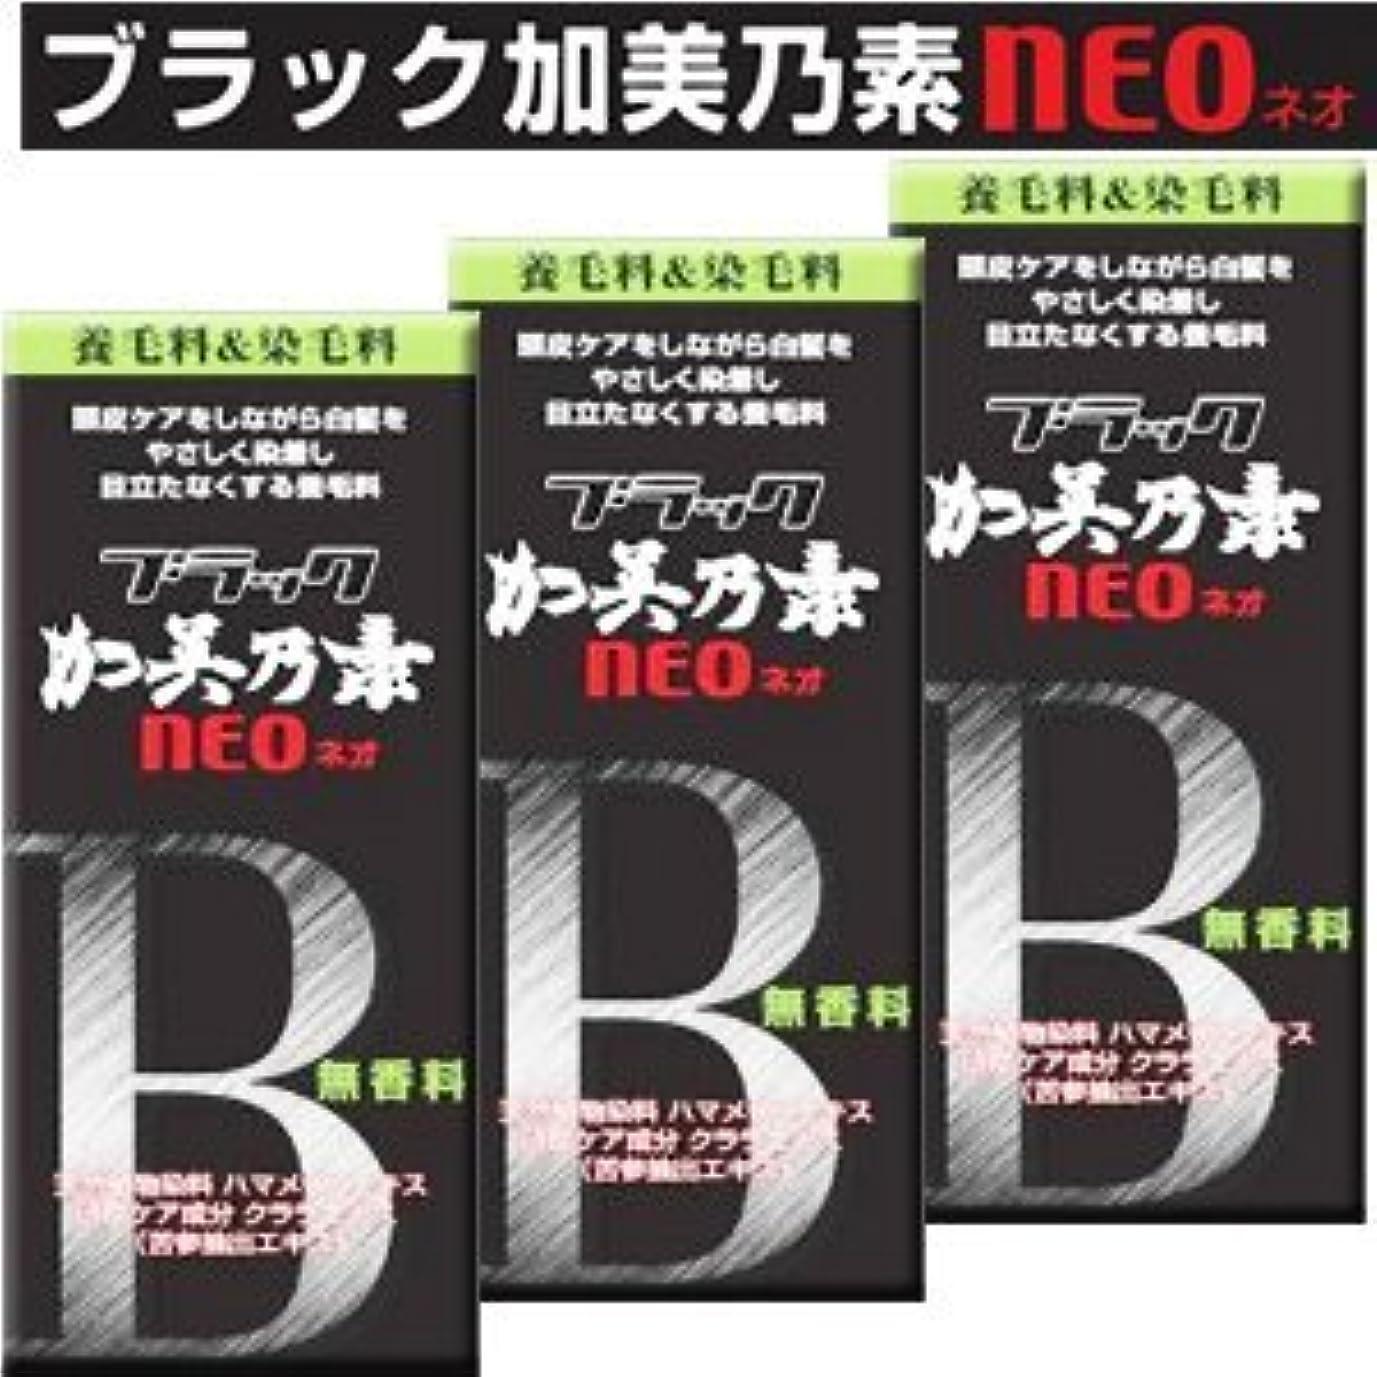 肌貸す同化【3個】 ブラック加美乃素NEO 無香料 150mlx3個 (4987046370105)